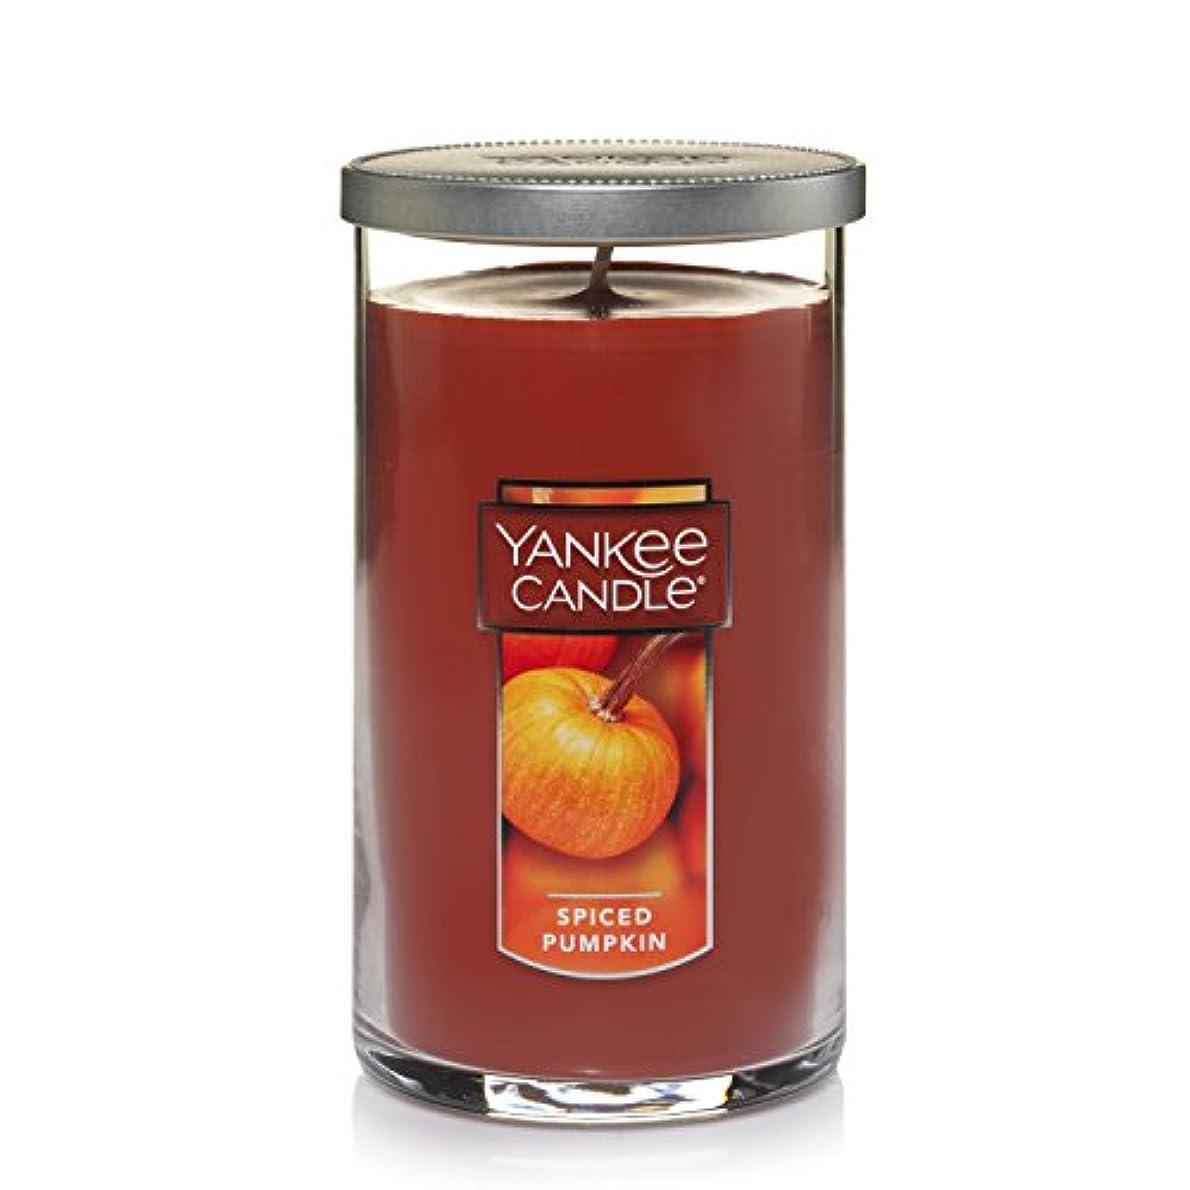 バスケットボールマーキー息切れ(ヤンキーキャンドル) Yankee Candle スパイスパンプキン Medium Perfect PillarTM Candle レッド 1221205Z